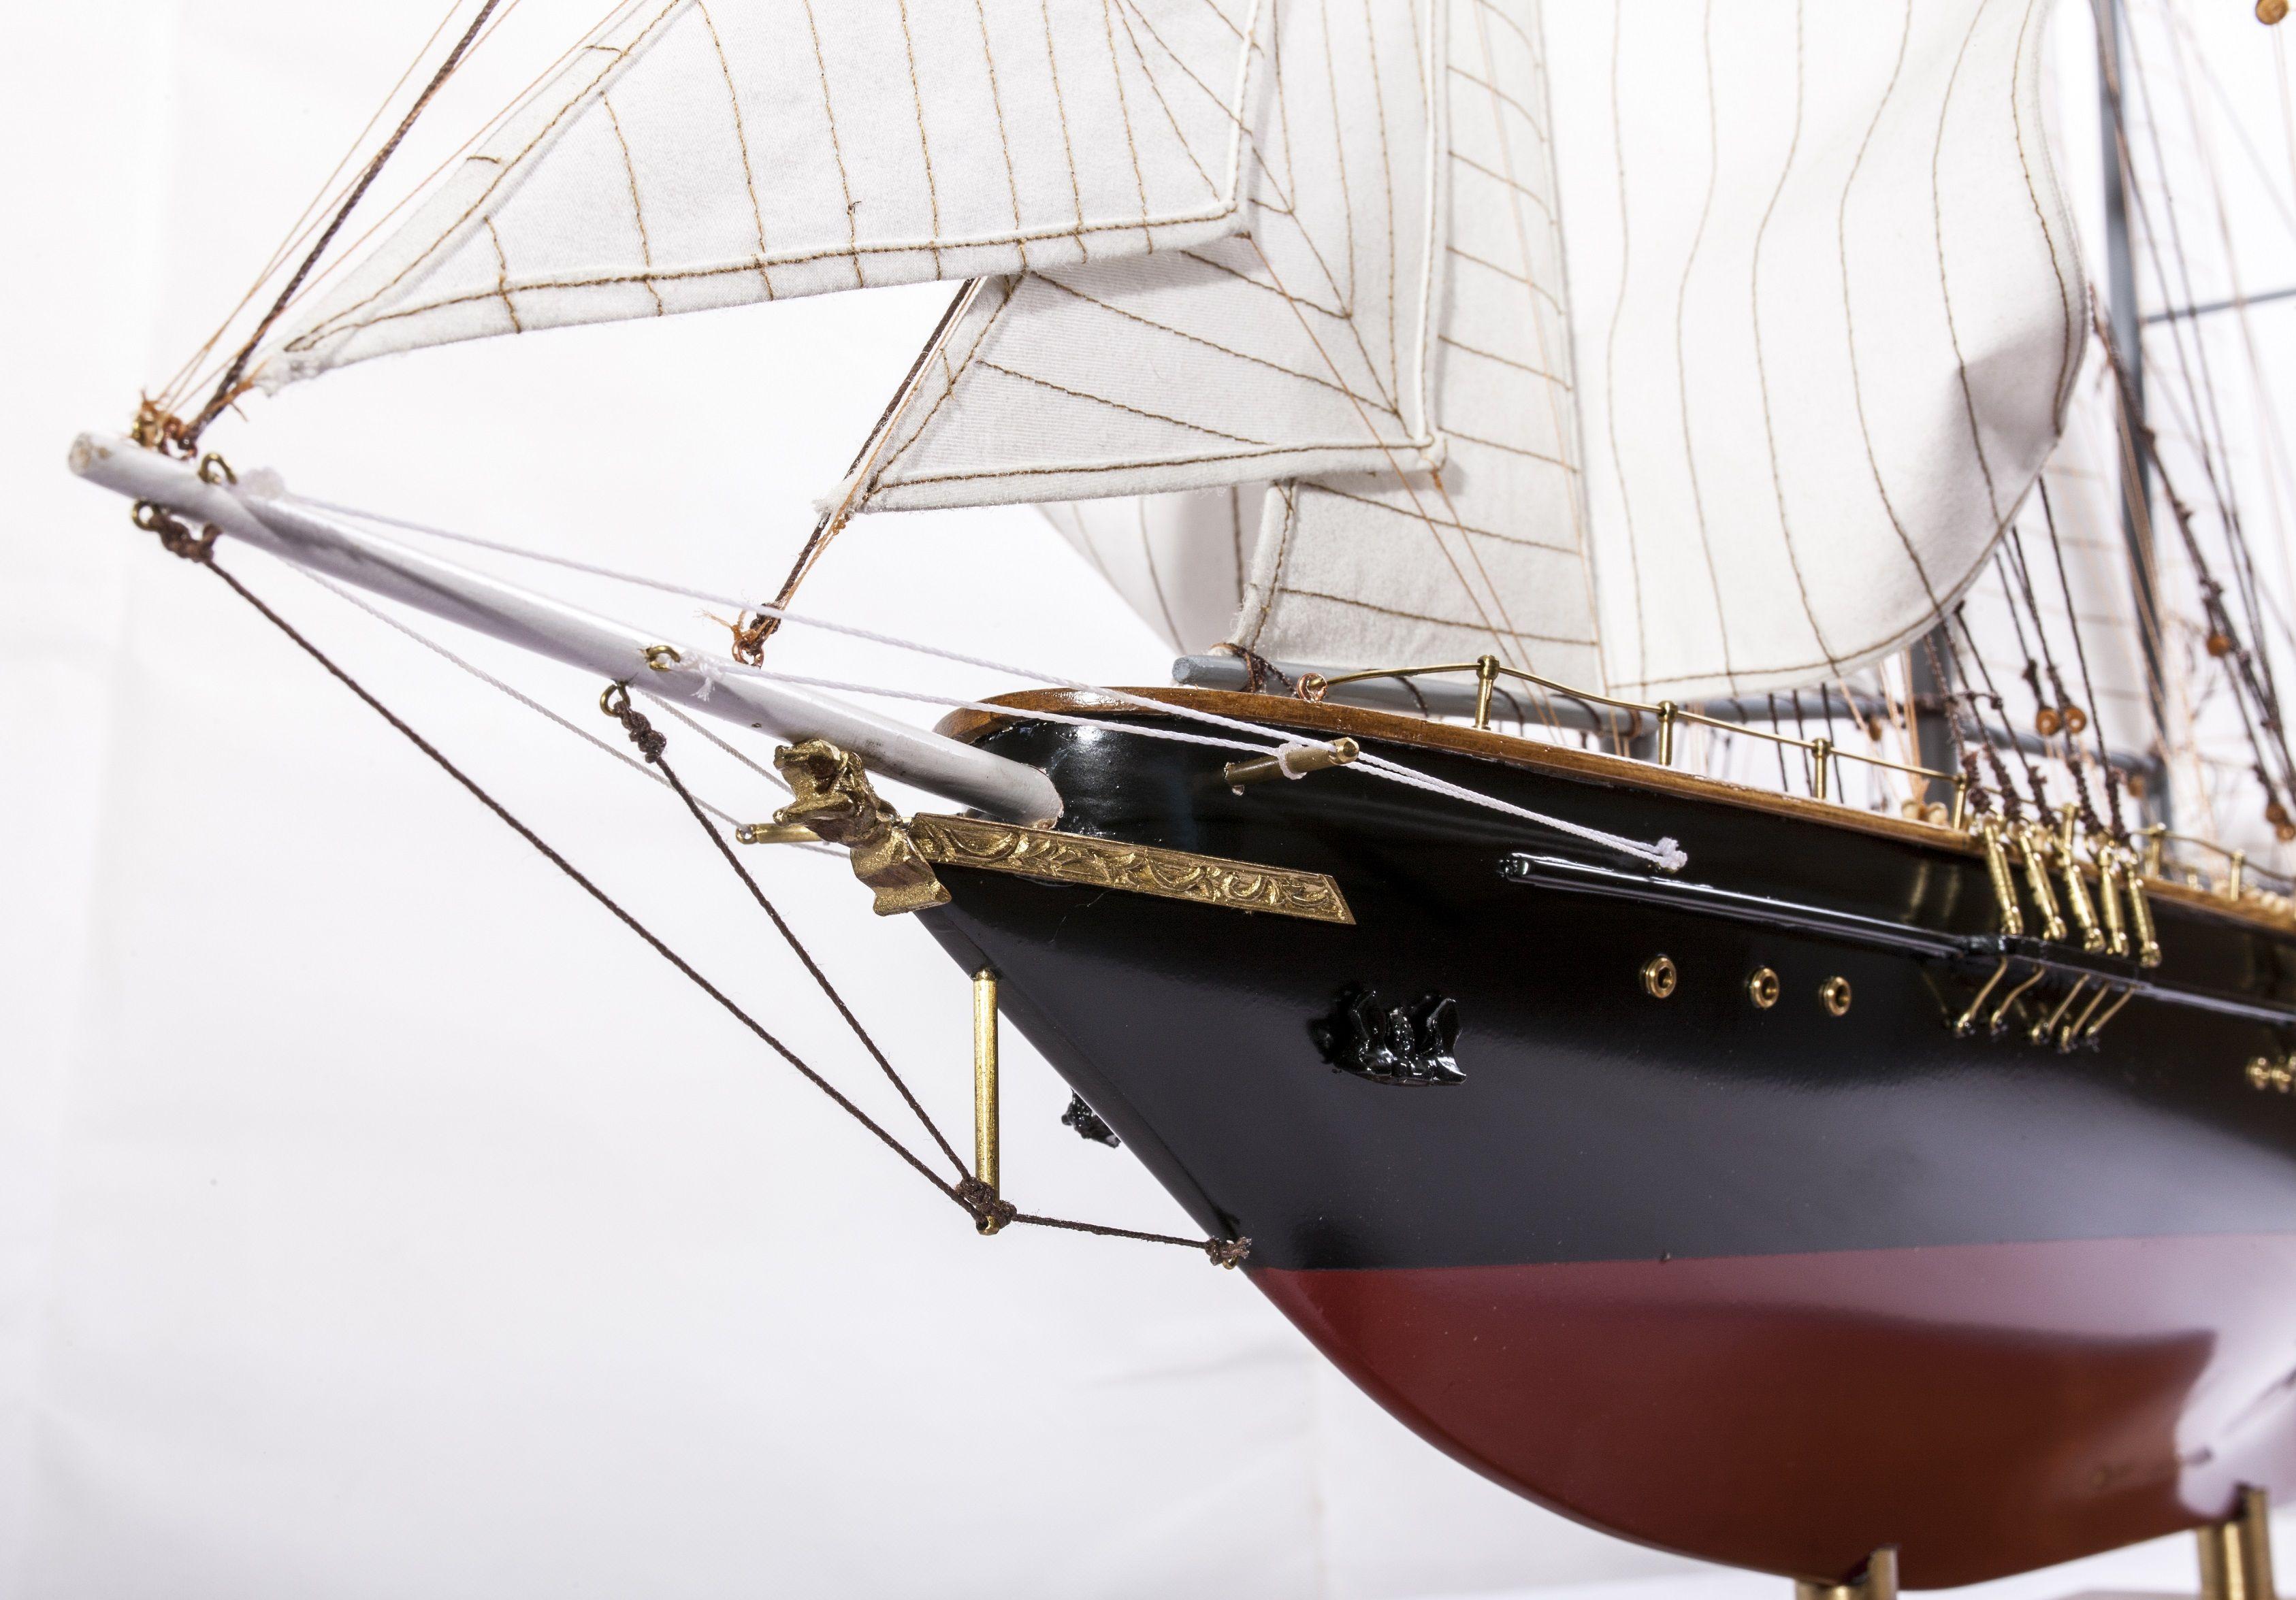 1524-9093-Sir-Winston-Churchill-Model-Boat